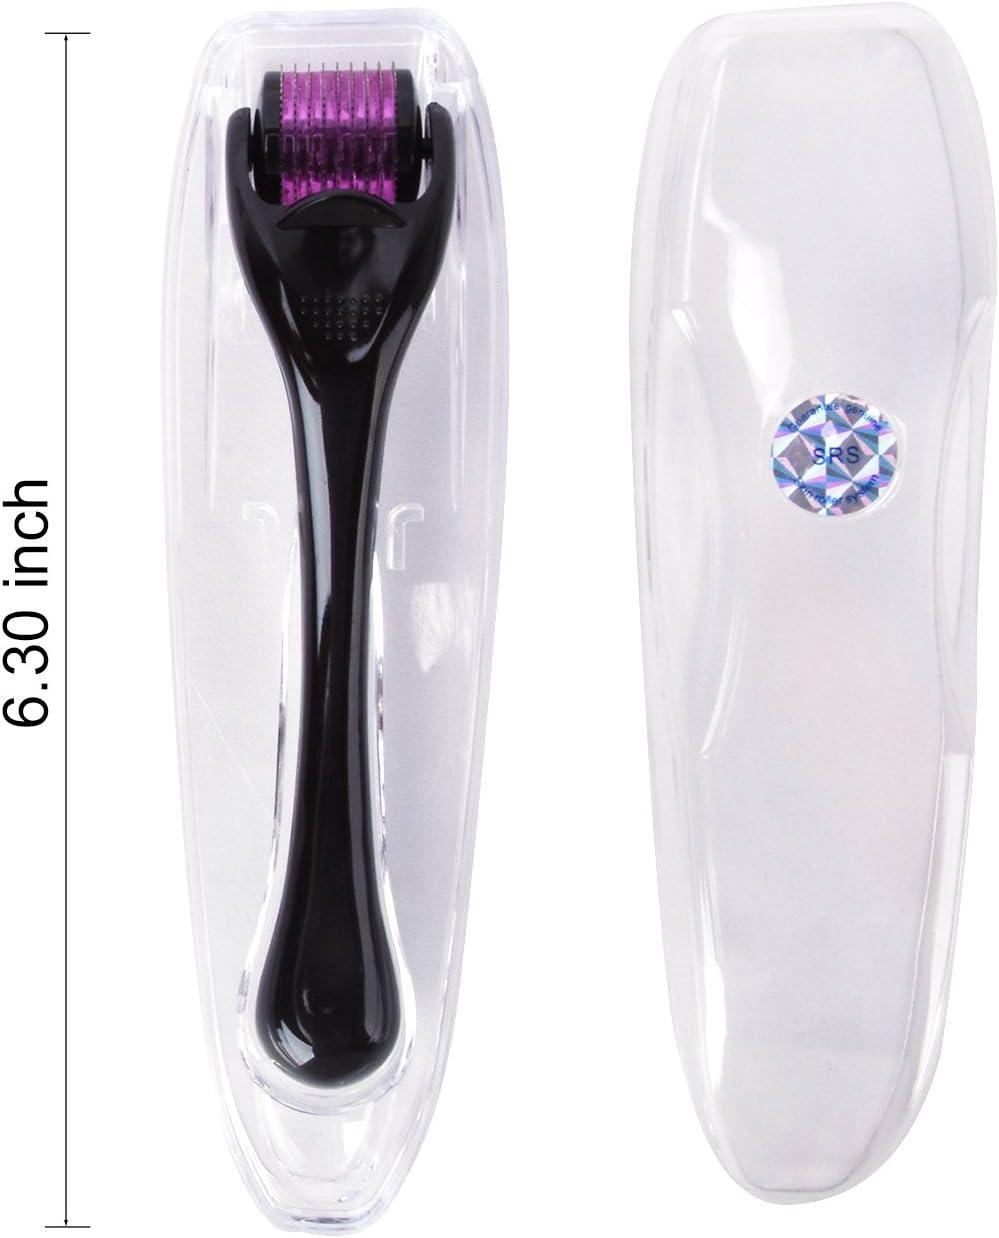 Rodillo para la piel, de la marca Websun: Amazon.es: Belleza